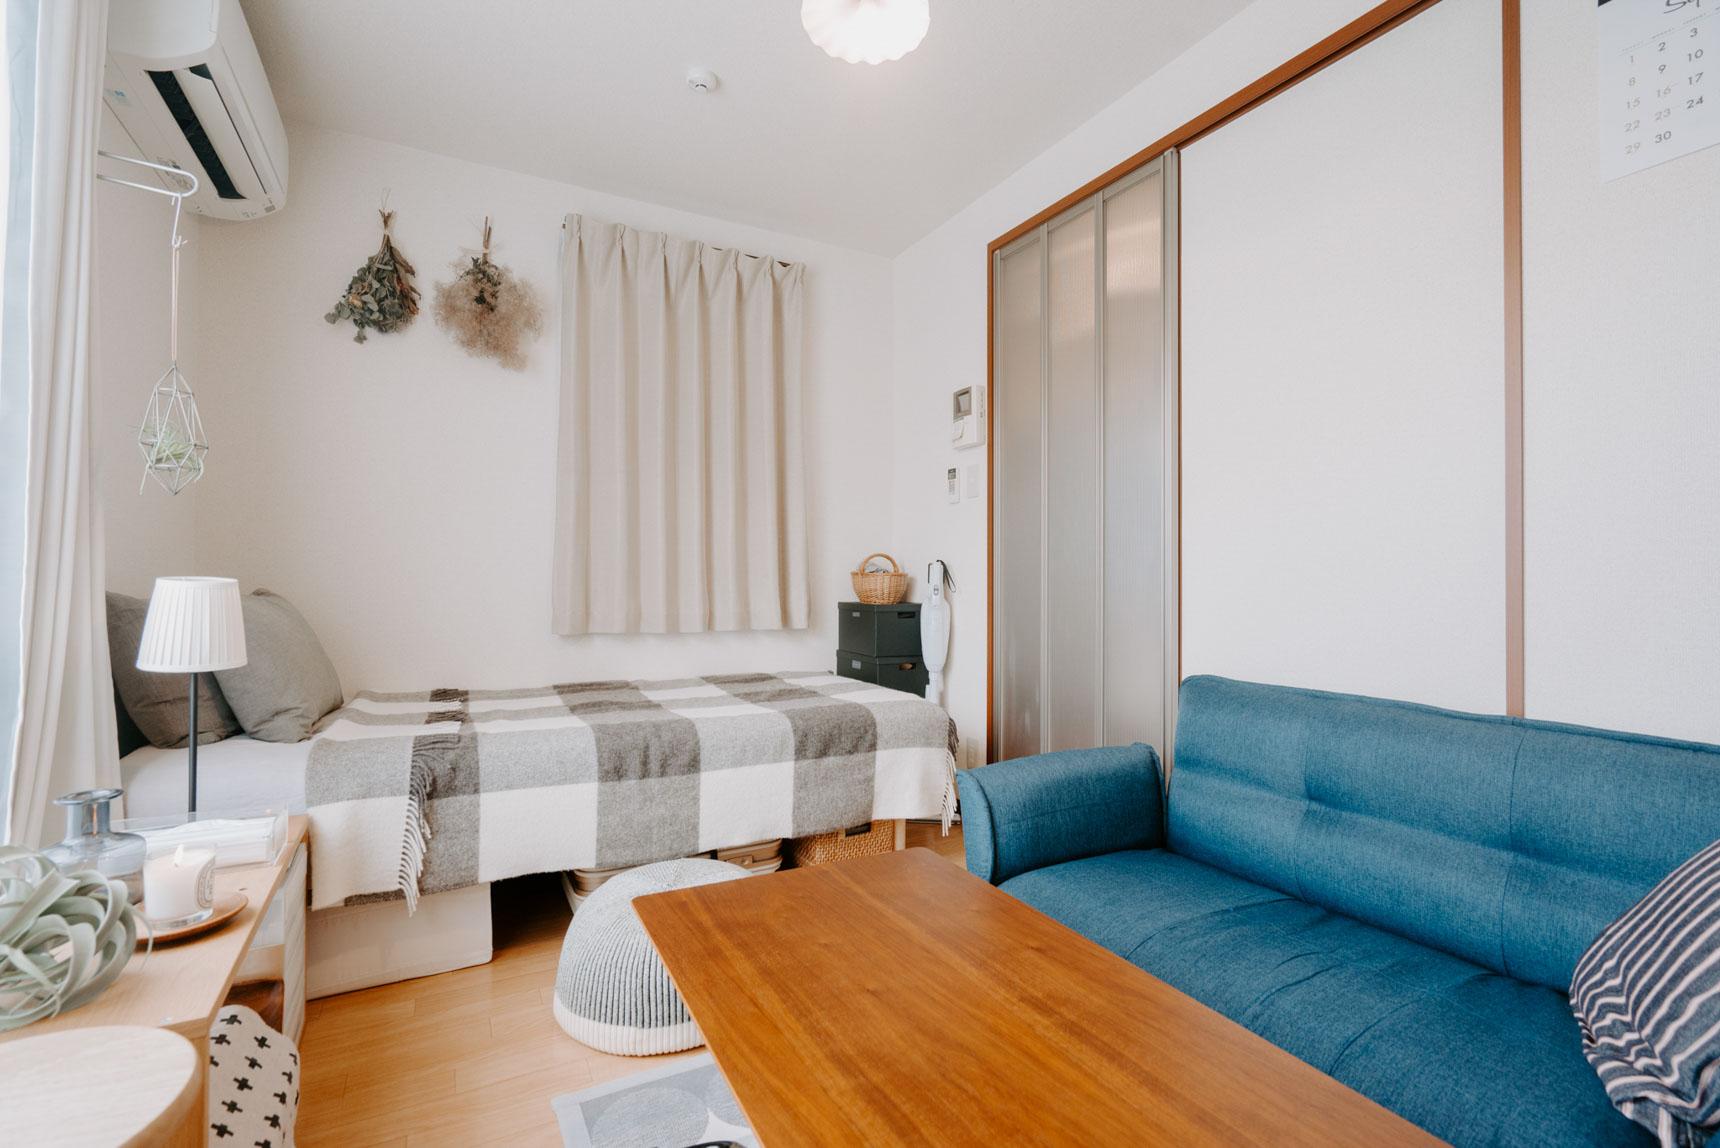 ベッドは無印良品、ソファはRe:CENO(リセノ)。ベッドとソファ、両方をおいても、窮屈に感じません。